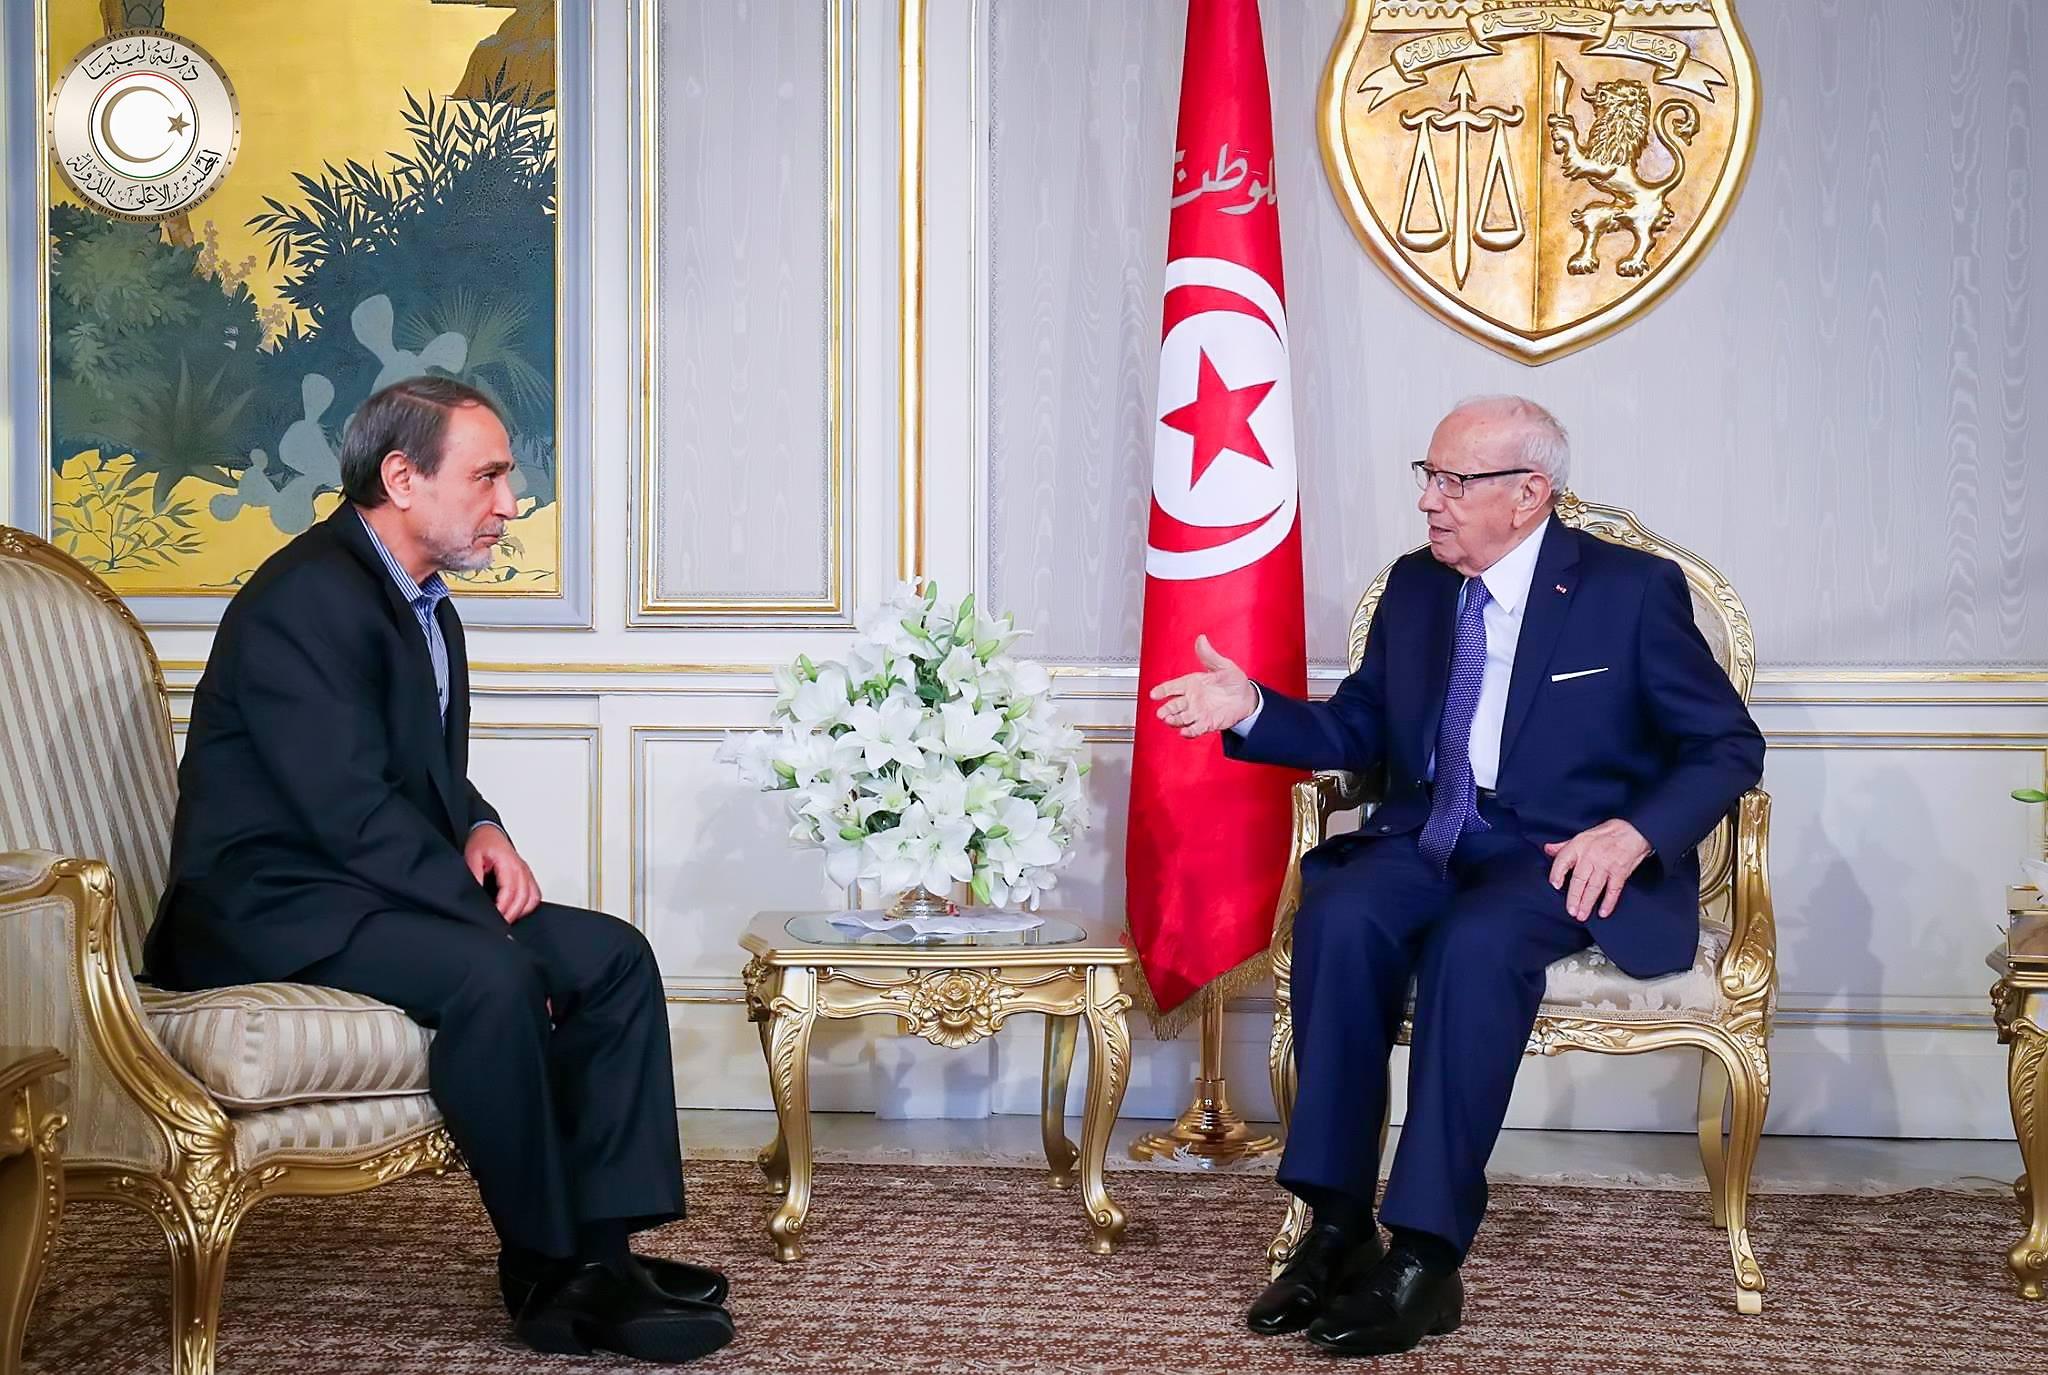 رئيس المجلس الاستشاري للدولة عبدالرحمن السويحلي، مع الرئيس التونسي الباجي قايد السبسي